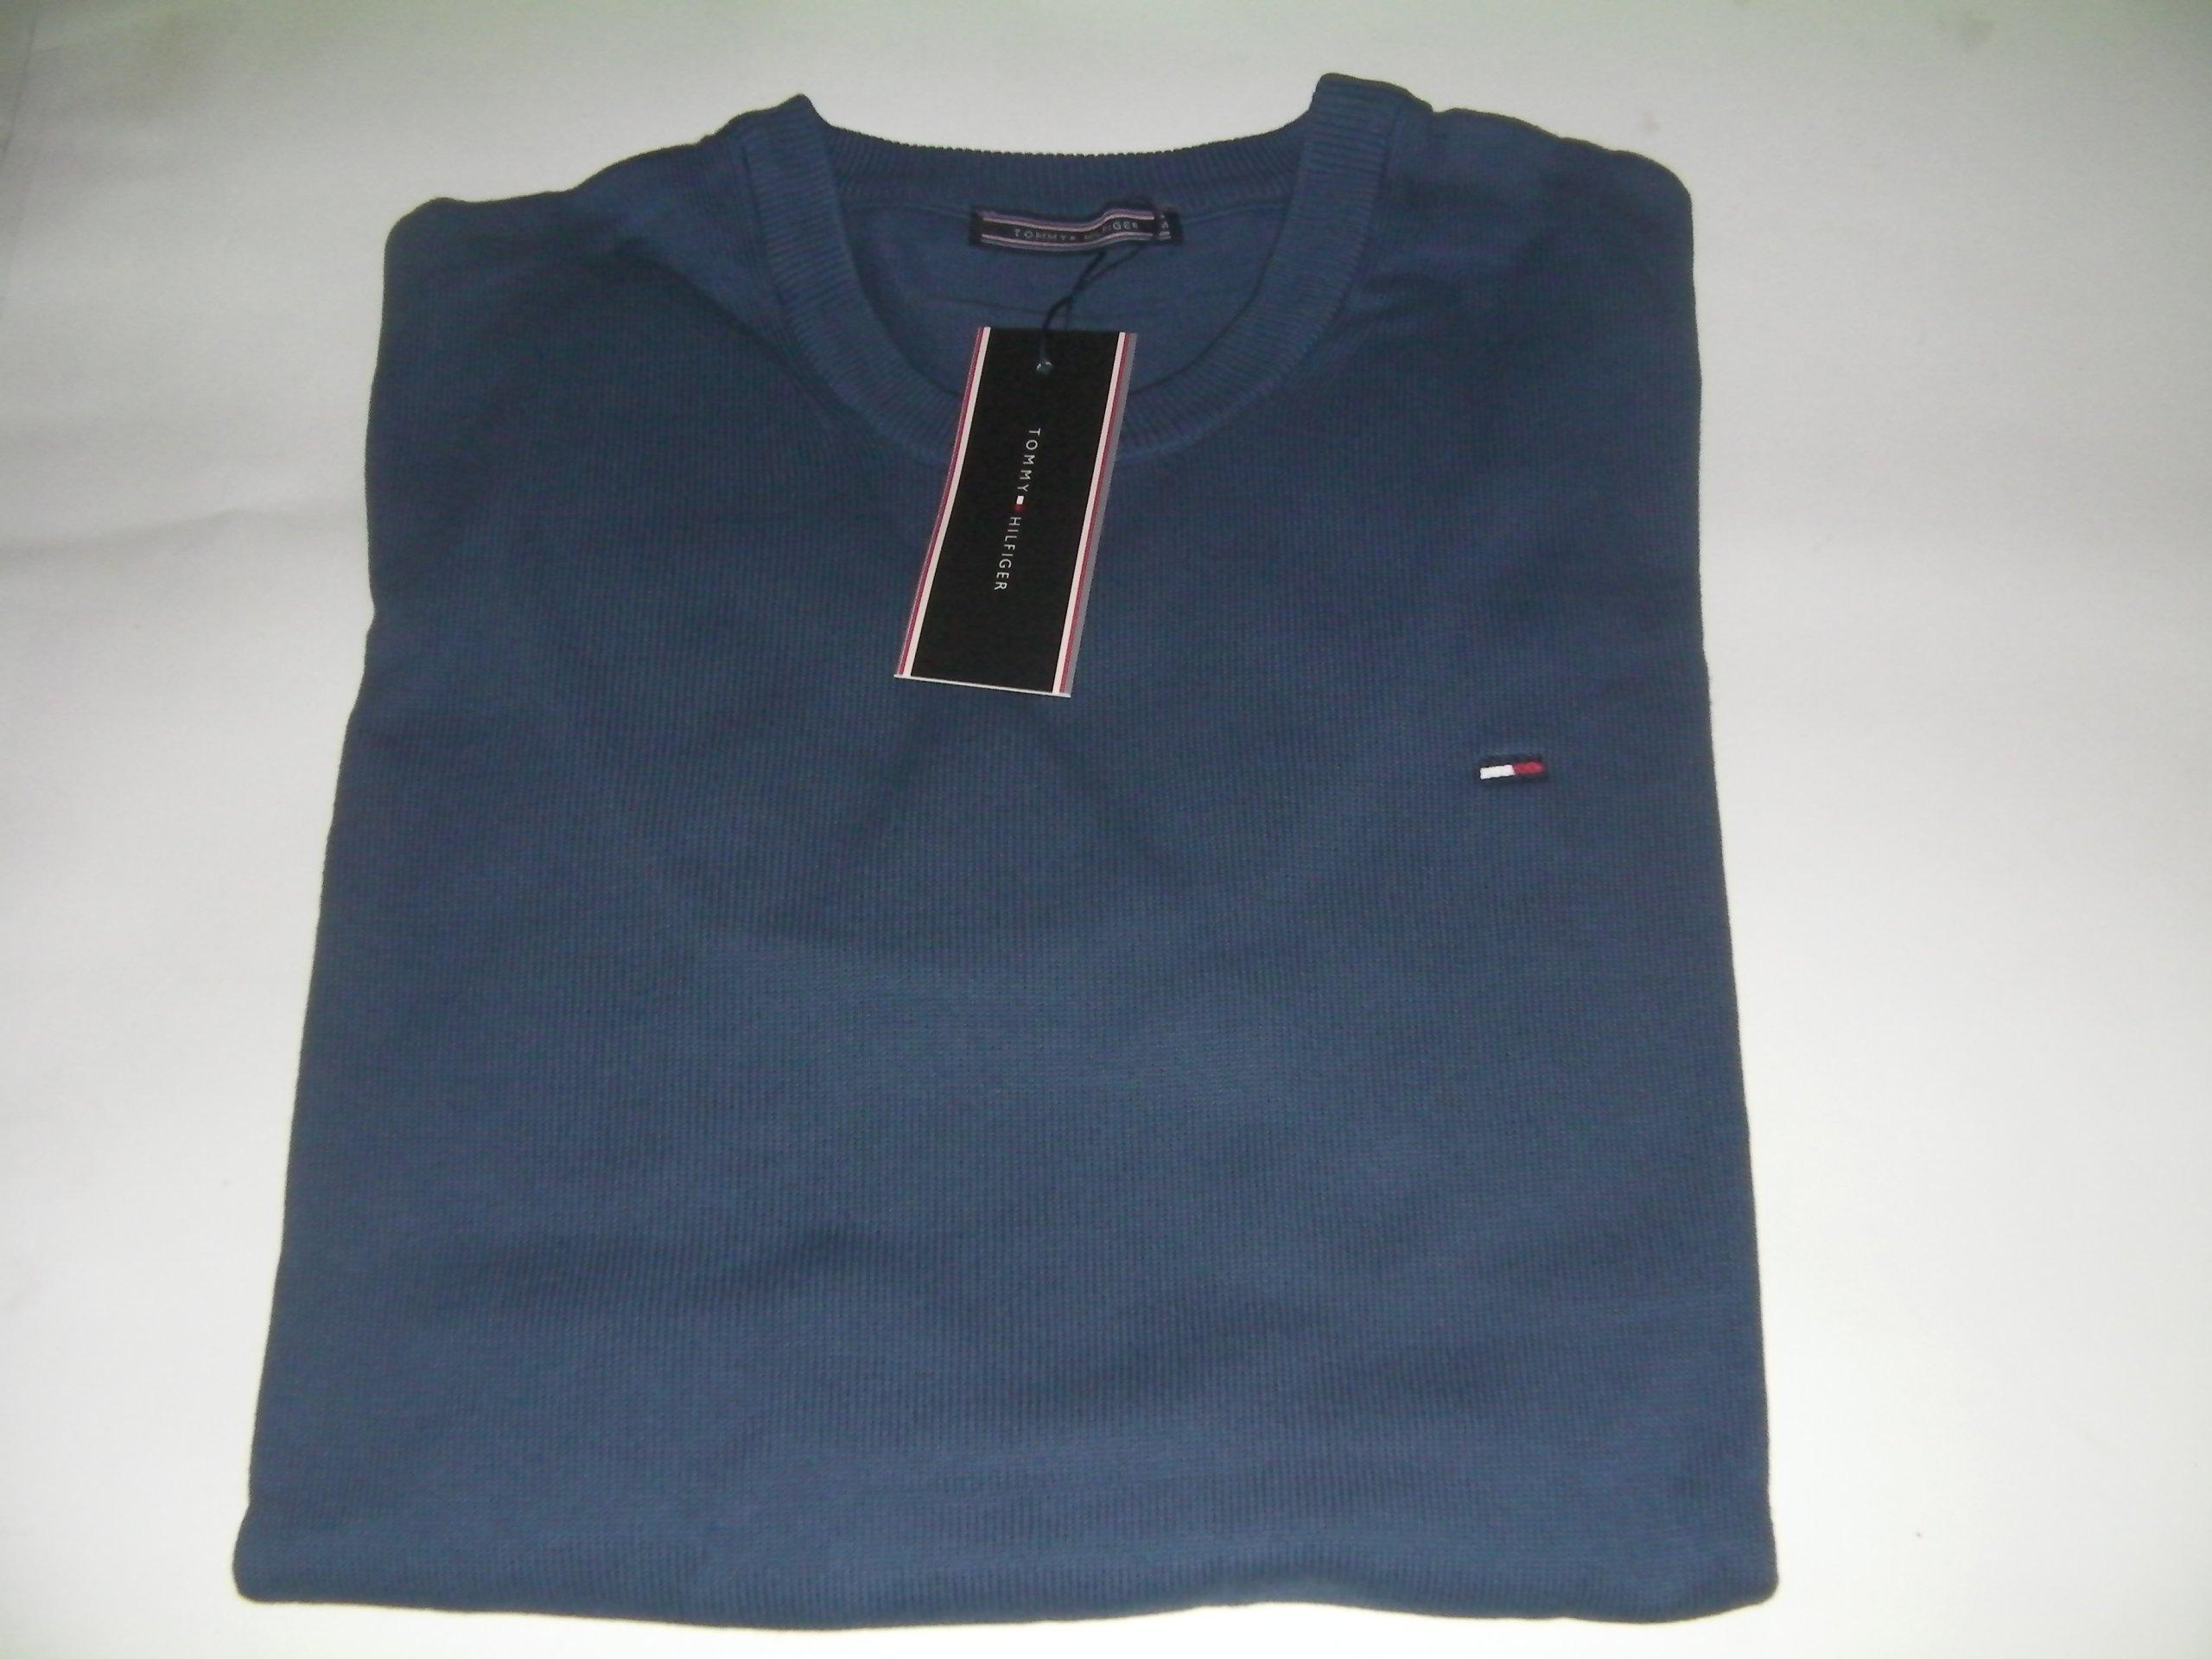 93541d41ecc09 tommy hilfiger sweter ciemny niebieski XXL - 7064925675 - oficjalne ...